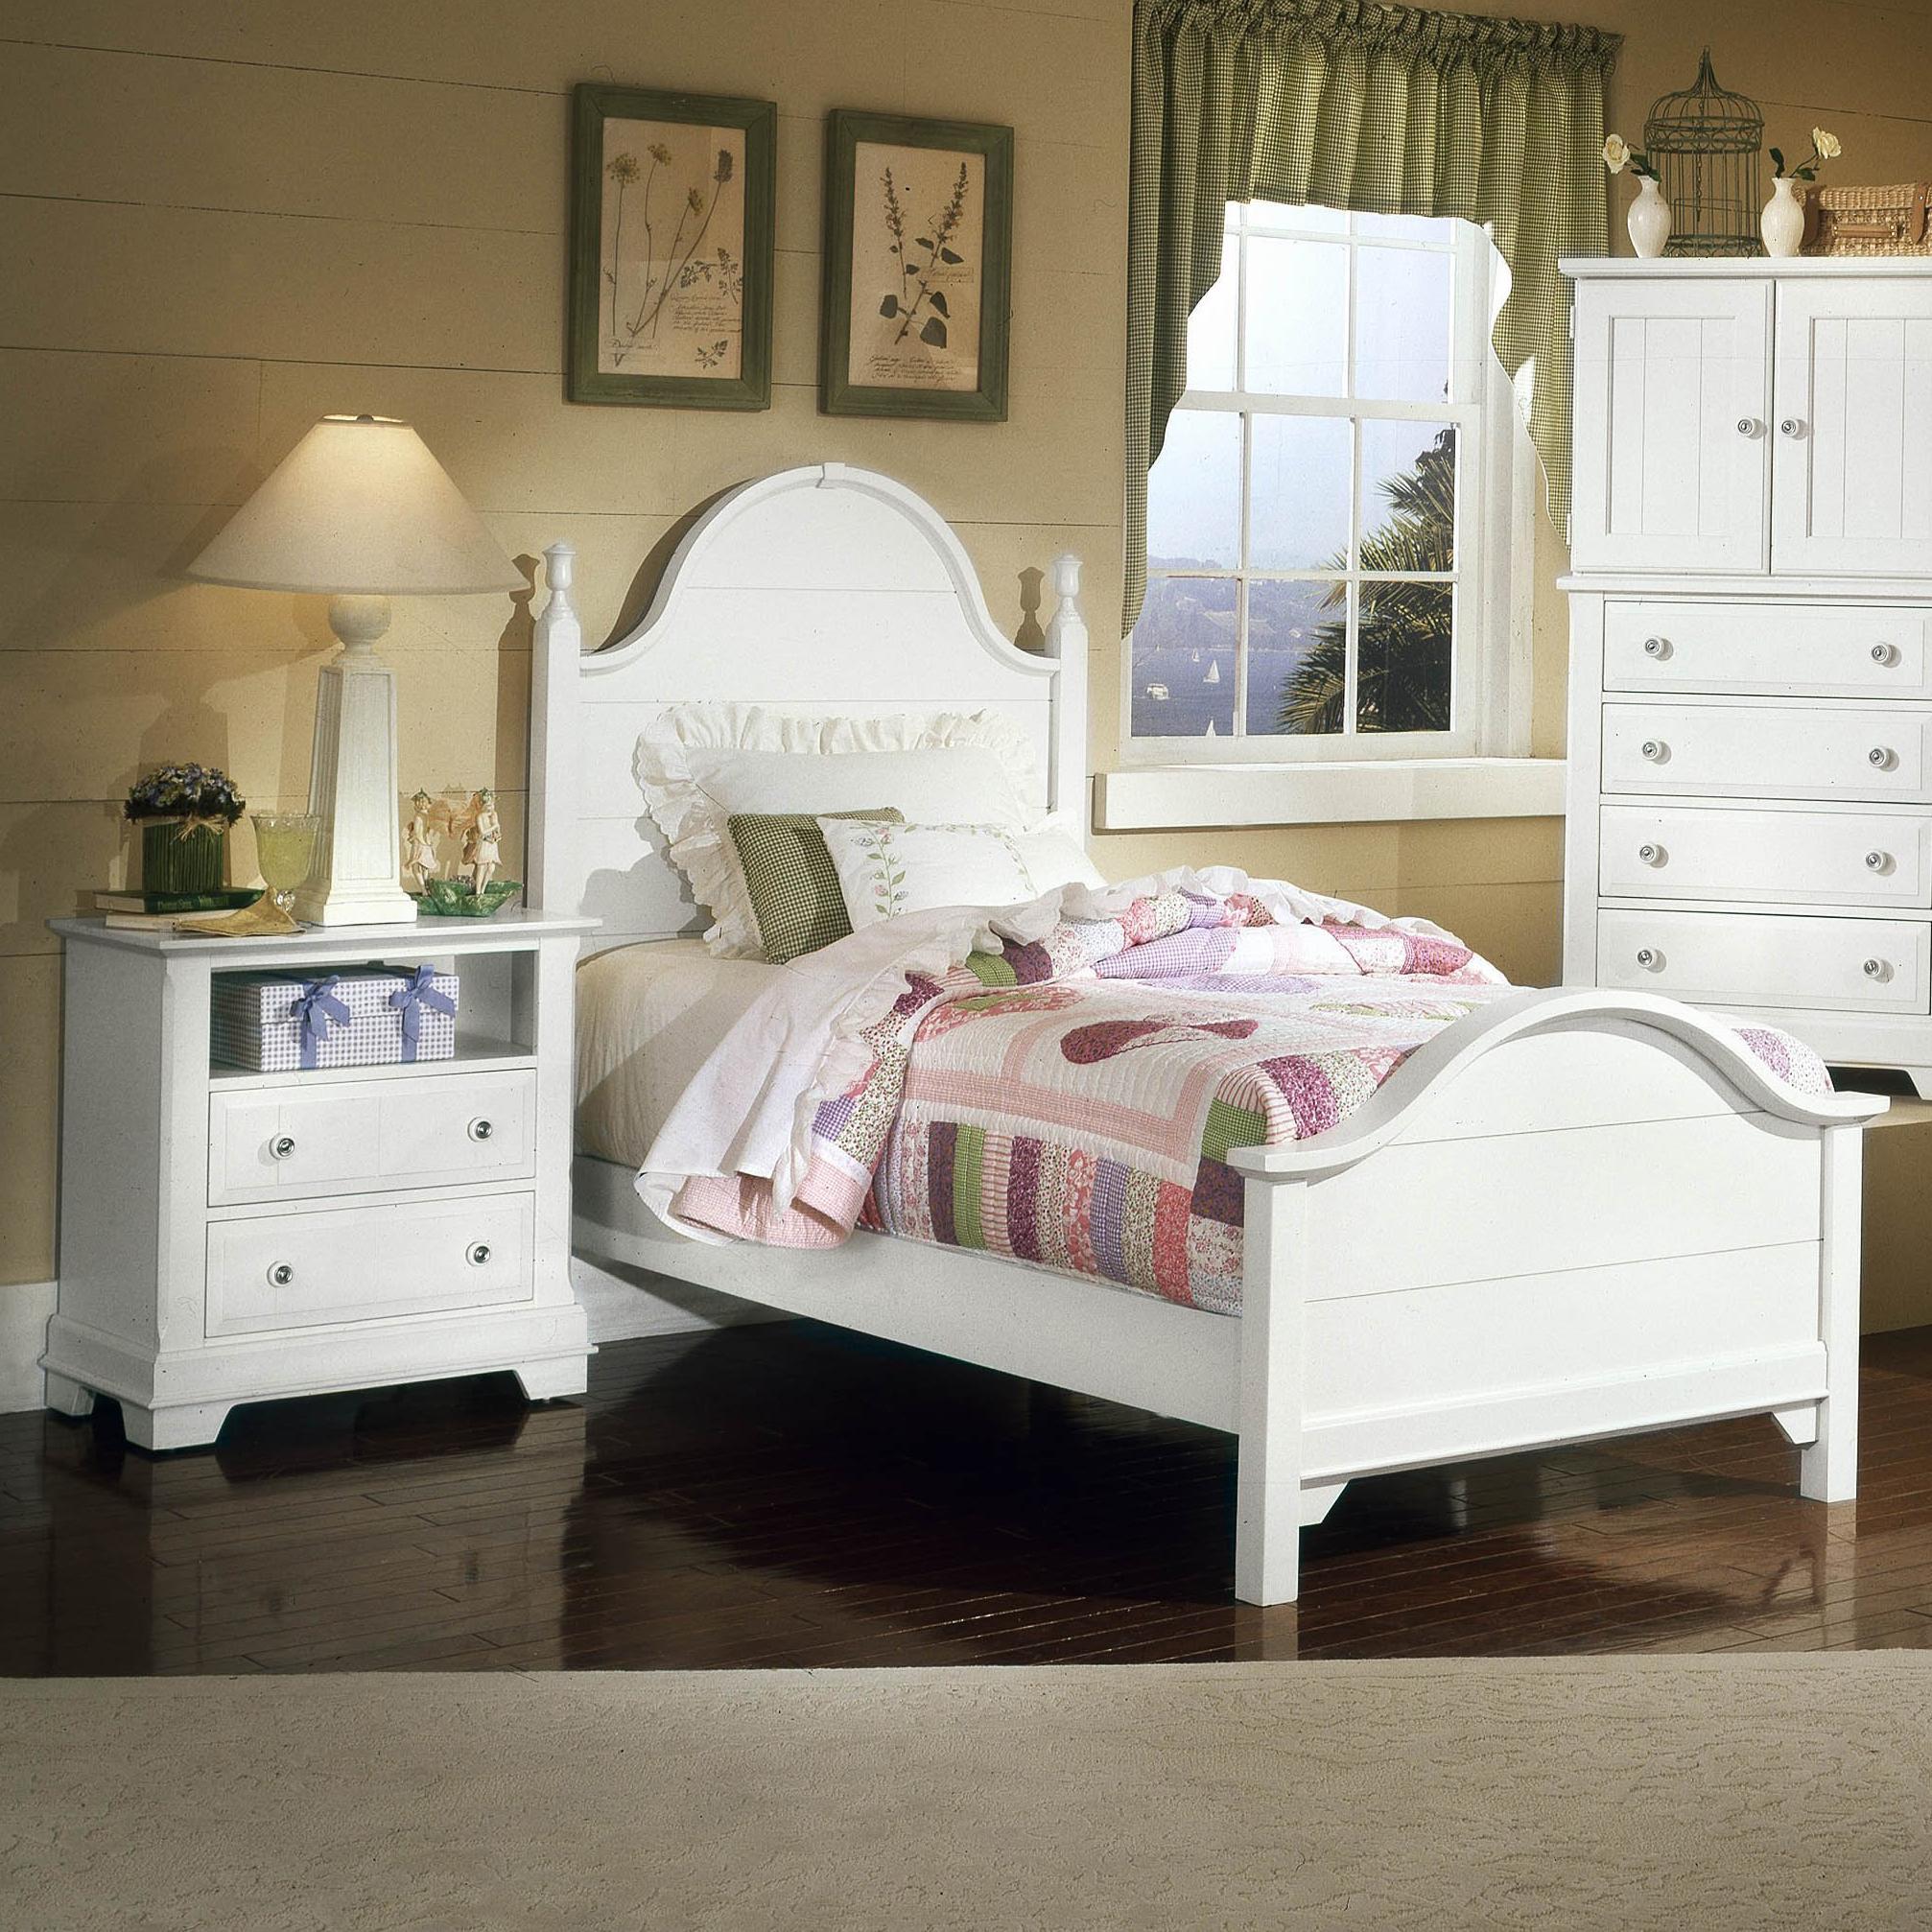 vaughan bassett cottage full bedroom group value city furniture bedroom groups. Black Bedroom Furniture Sets. Home Design Ideas